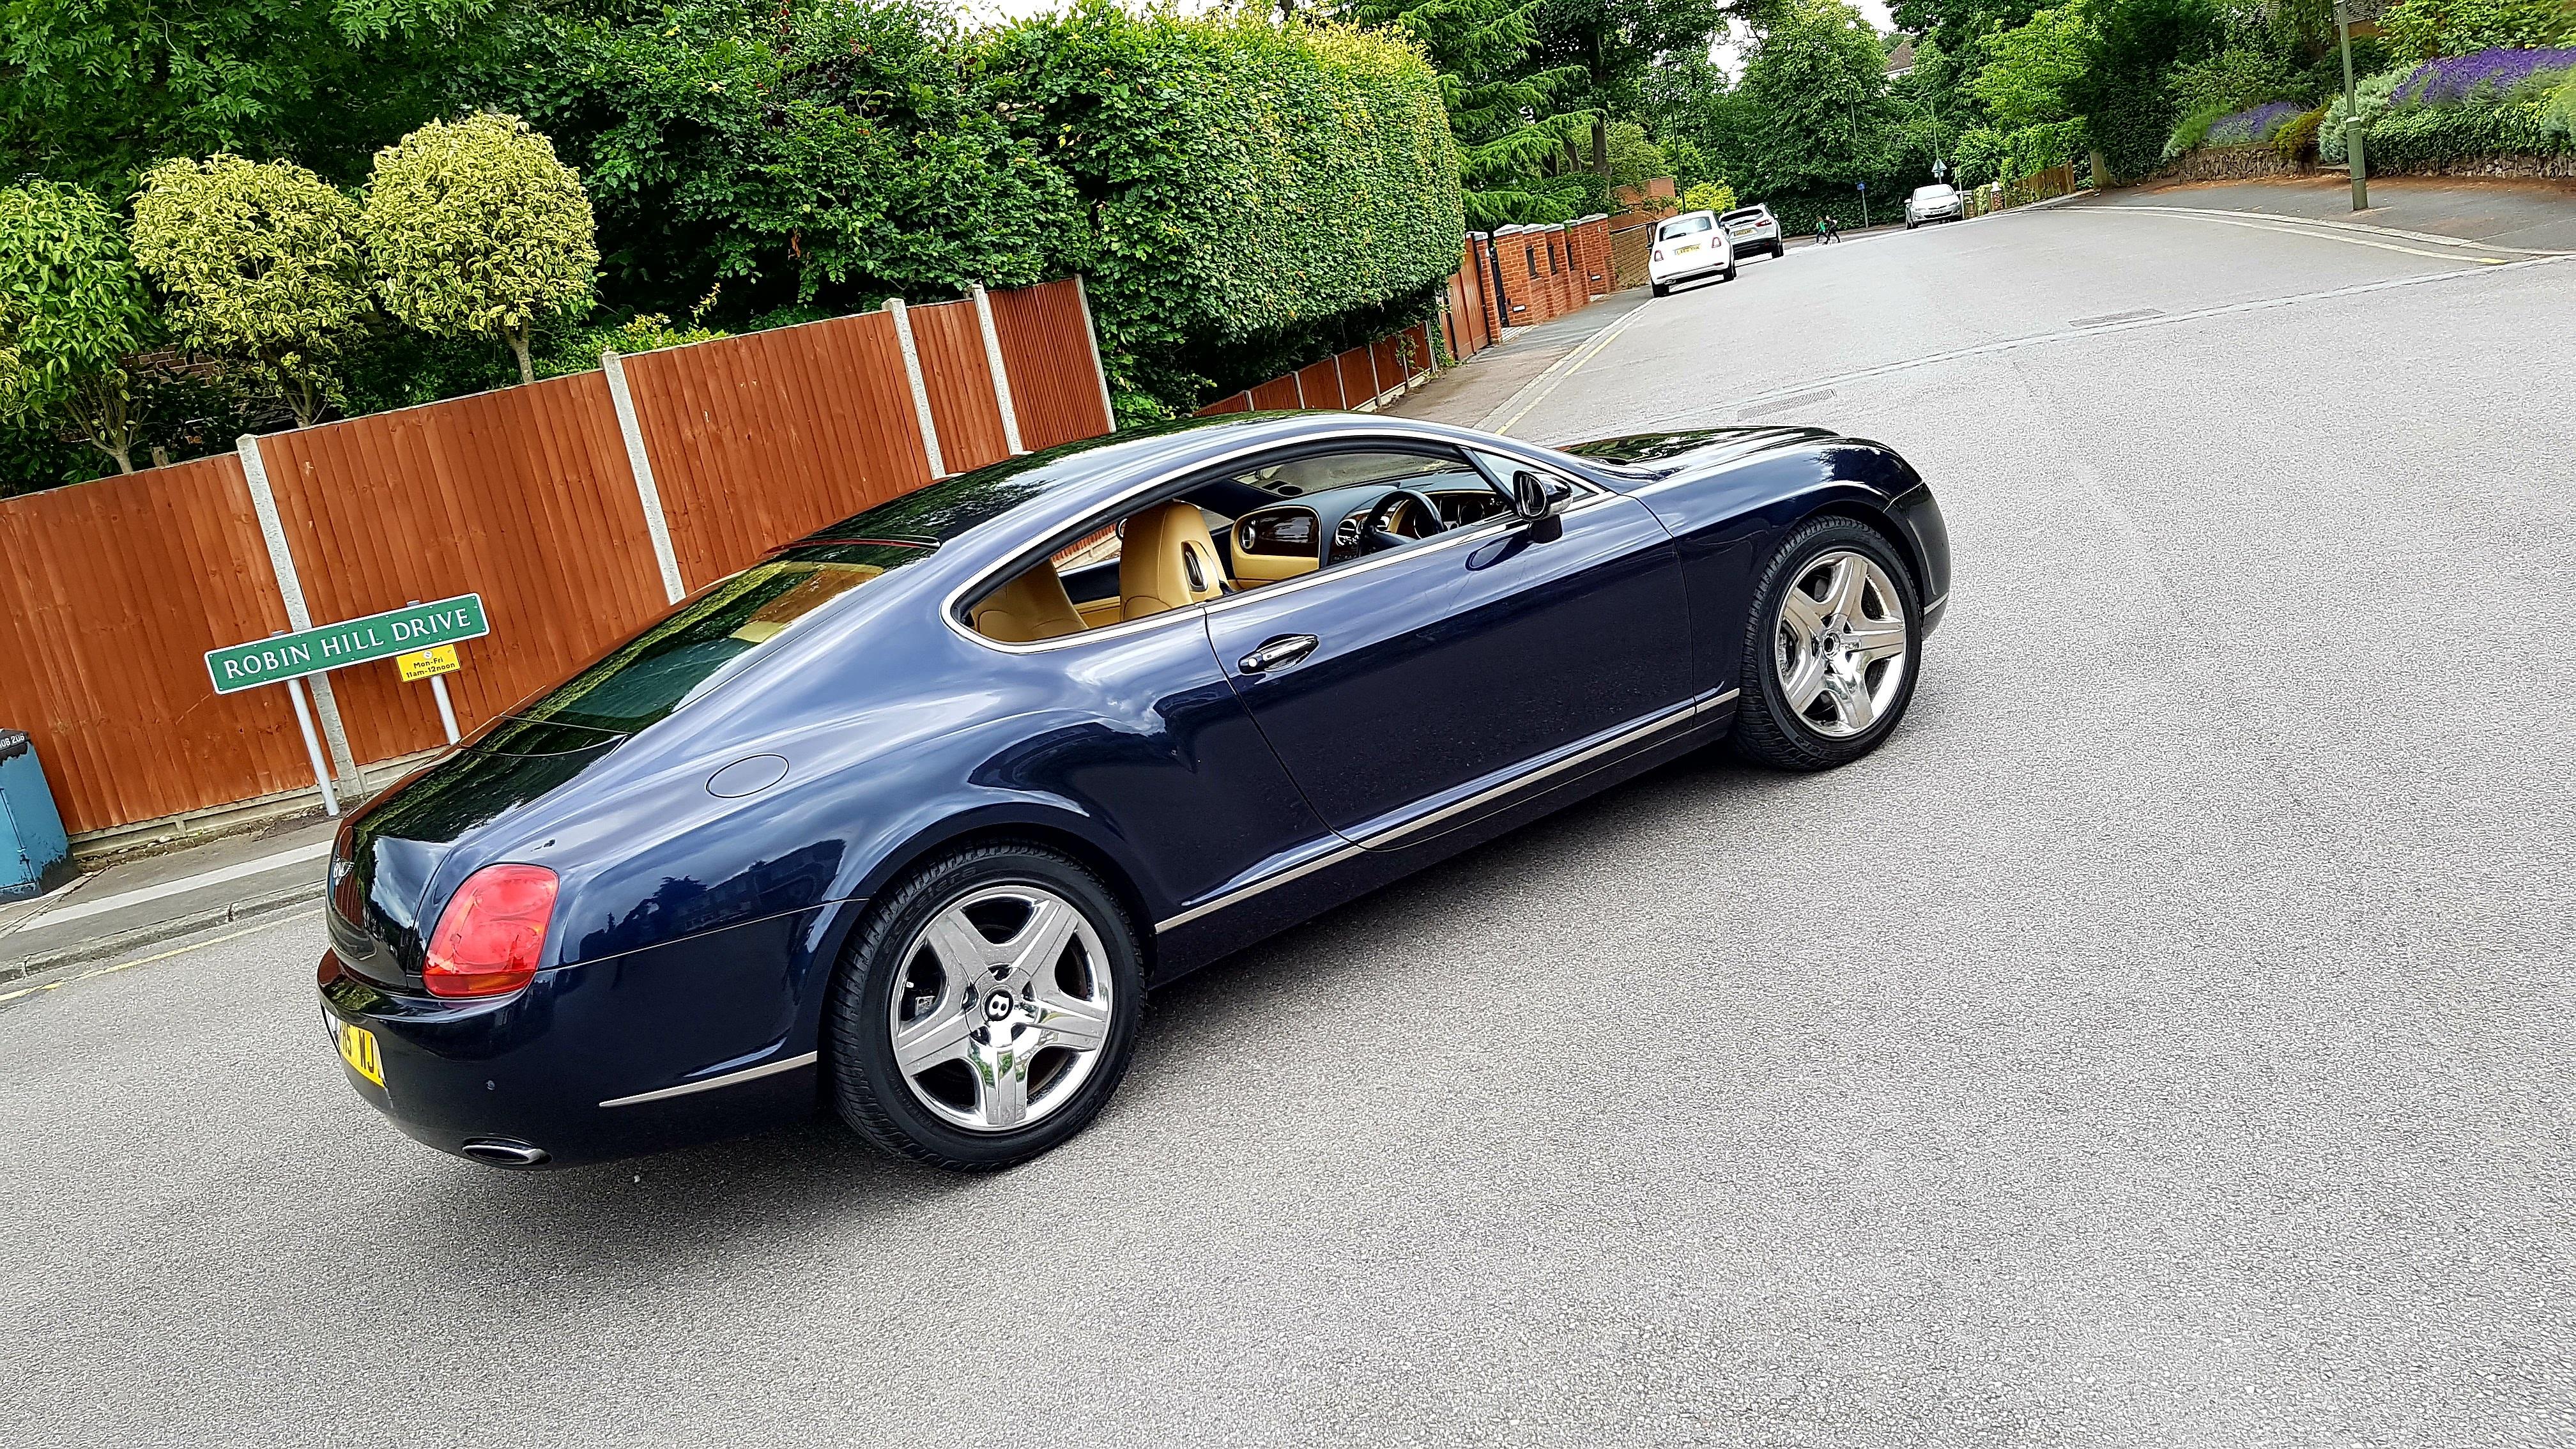 026 Bentley Continental Dark Blue Empireassets